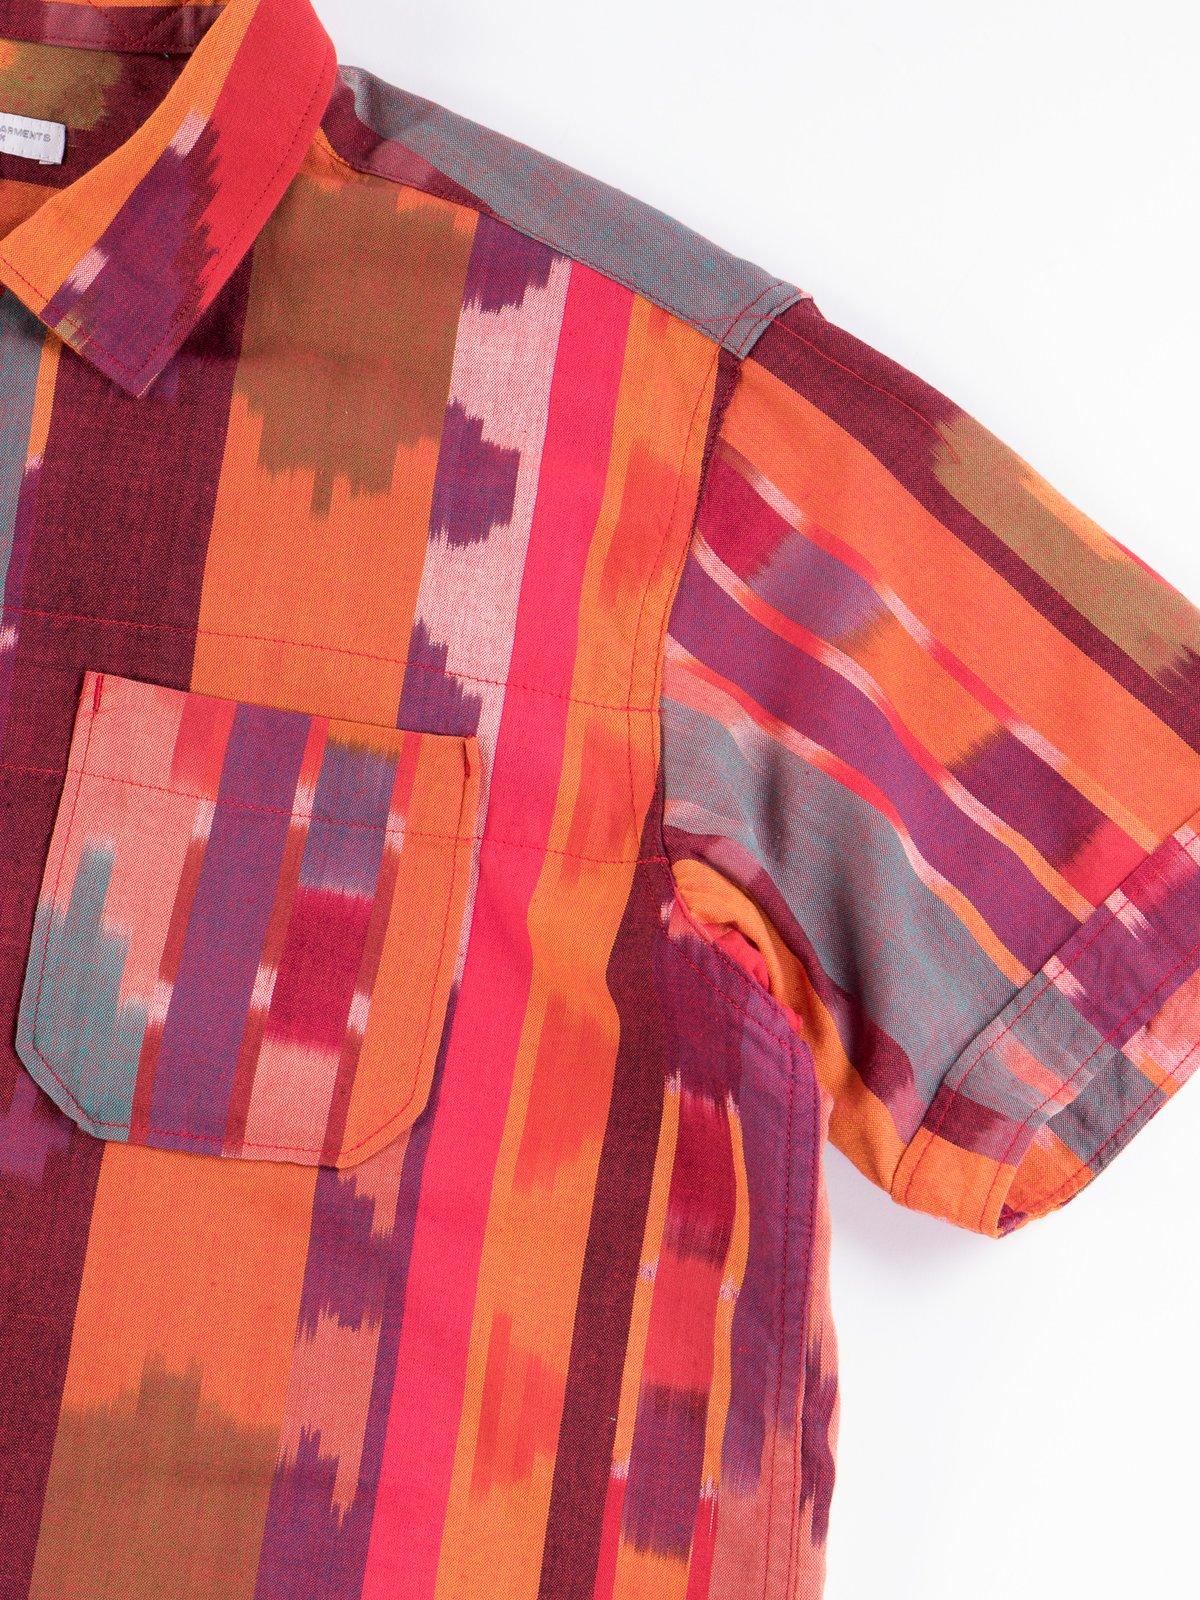 Red/Orange Cotton Ikat Camp Shirt - Image 4